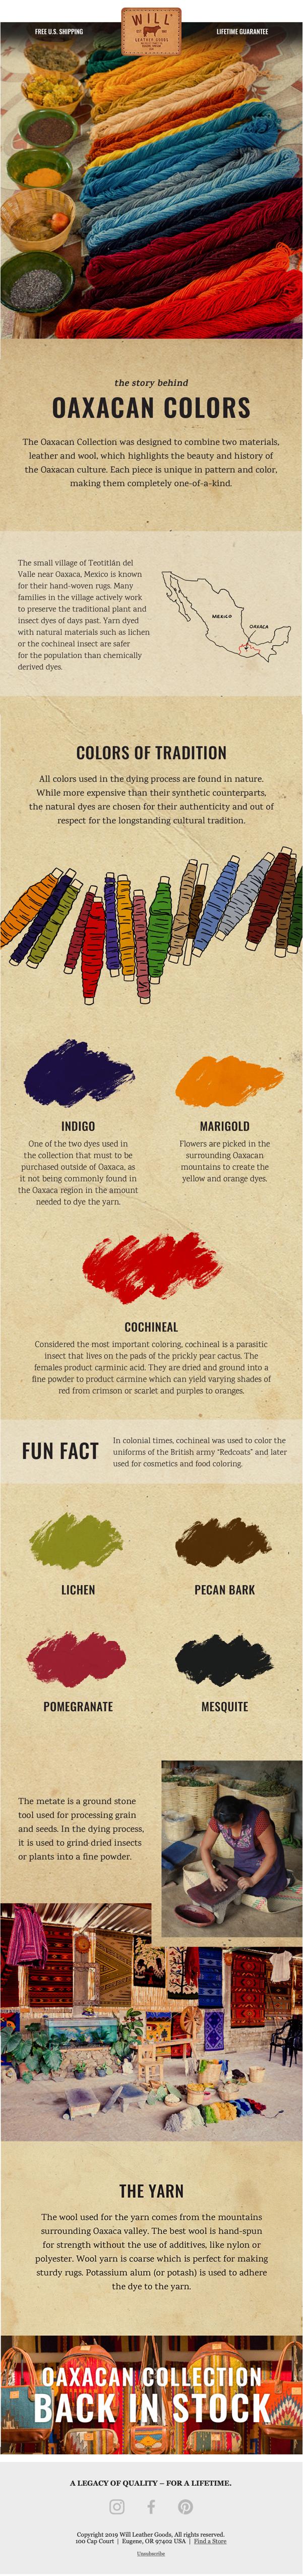 Oaxacan Dyes